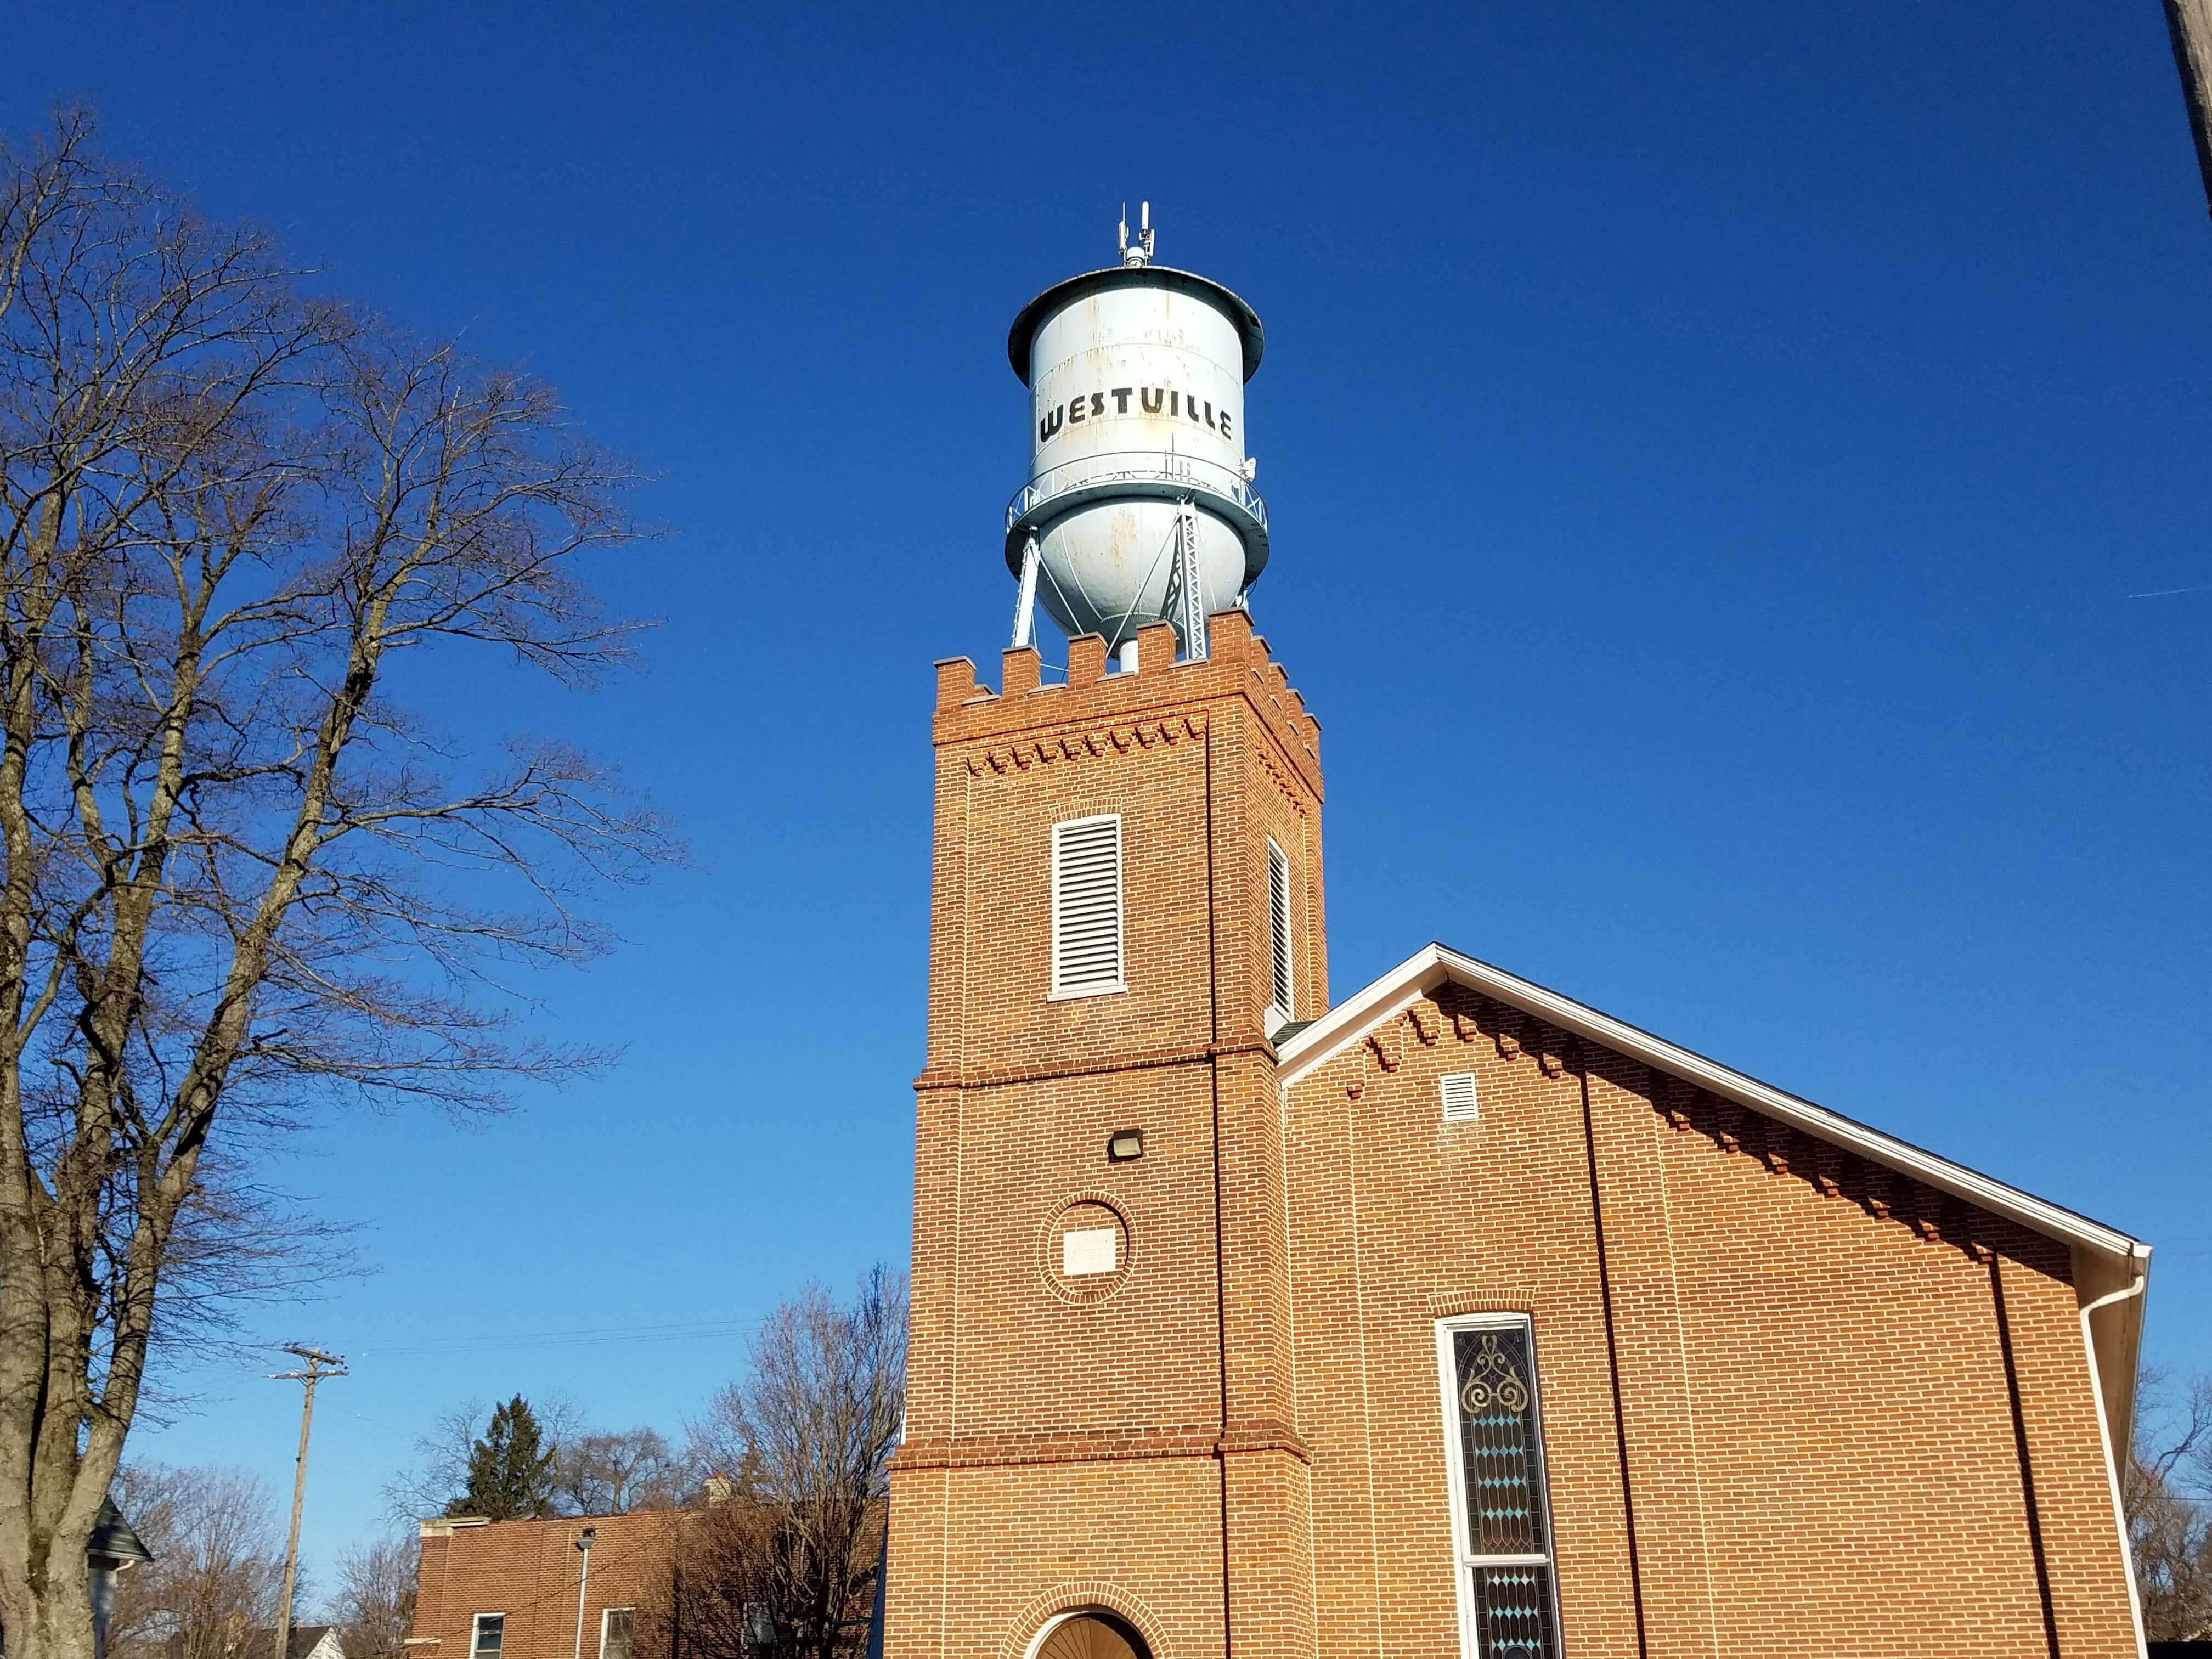 church downtown Westville IN